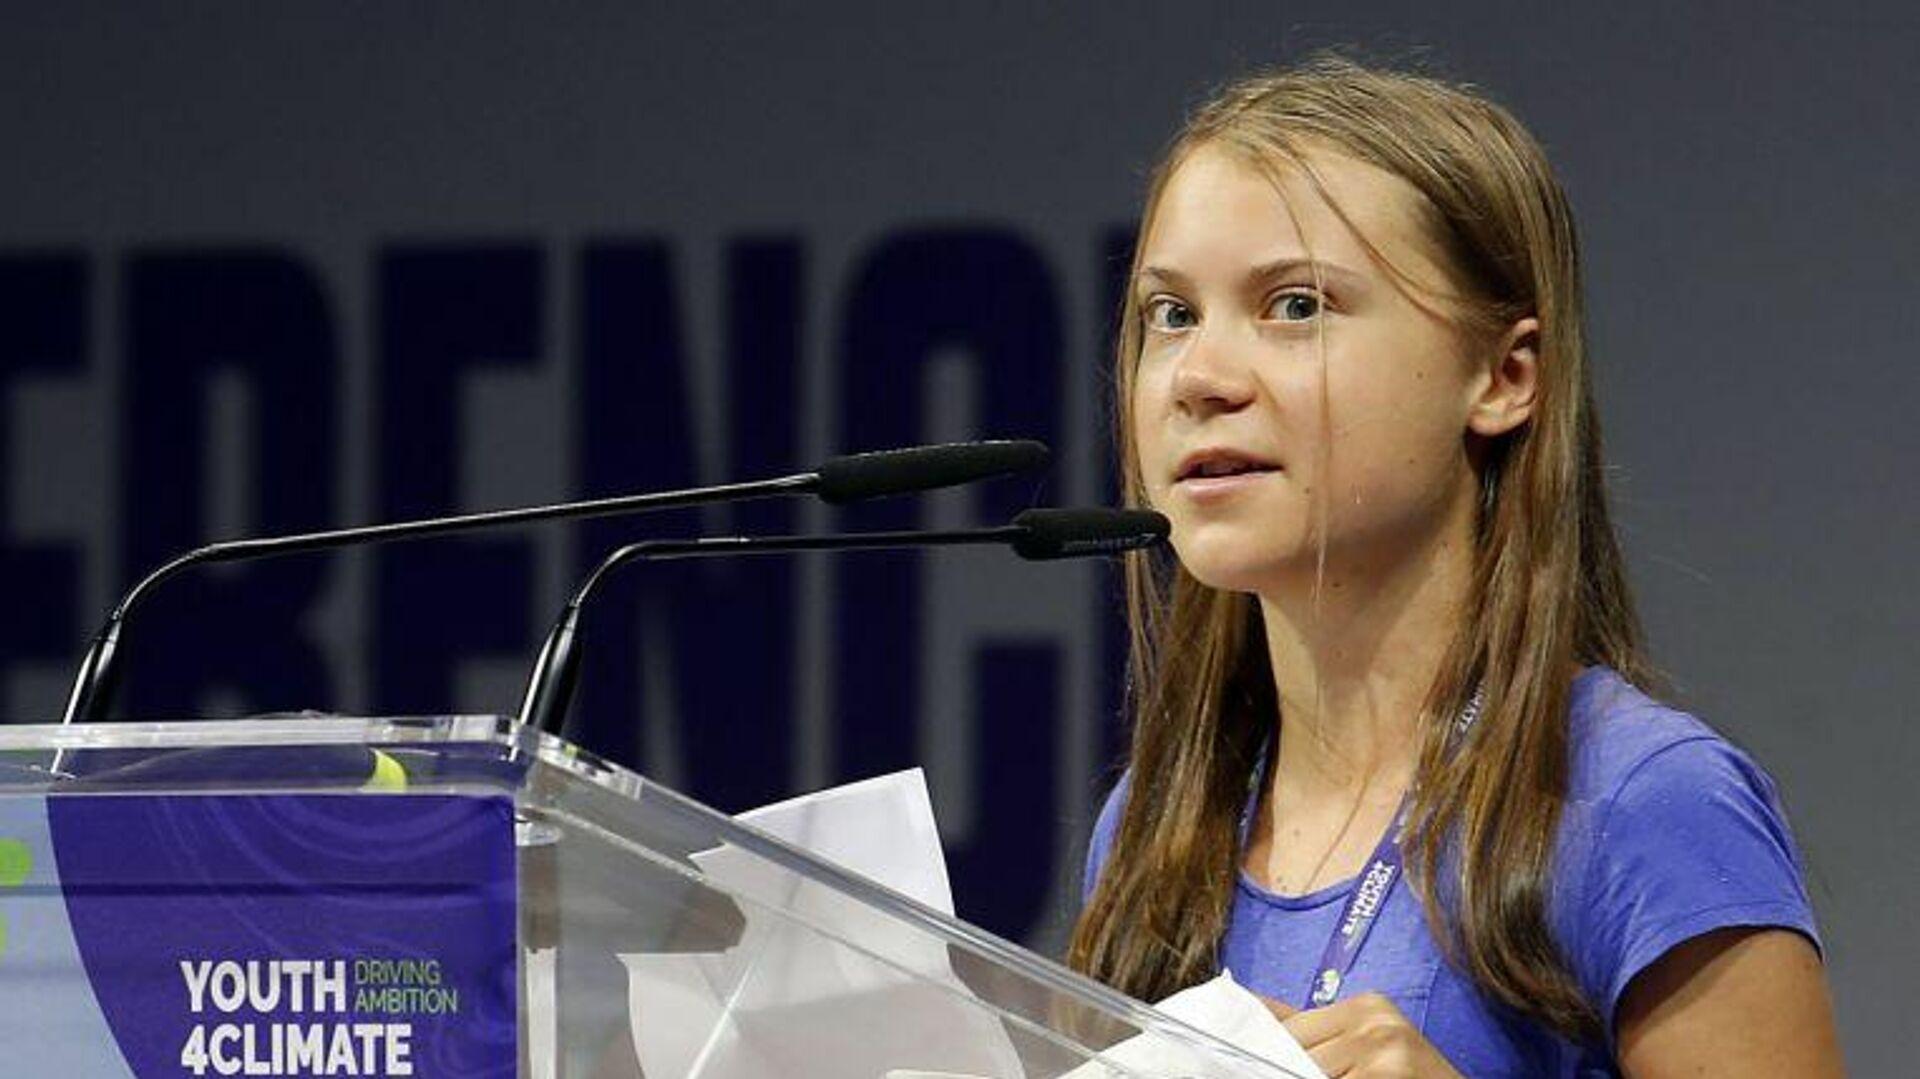 Çevre aktivisti Greta Thunberg, dünya liderlerini 'boş vaatler vermekle' suçladı - Sputnik Türkiye, 1920, 28.09.2021